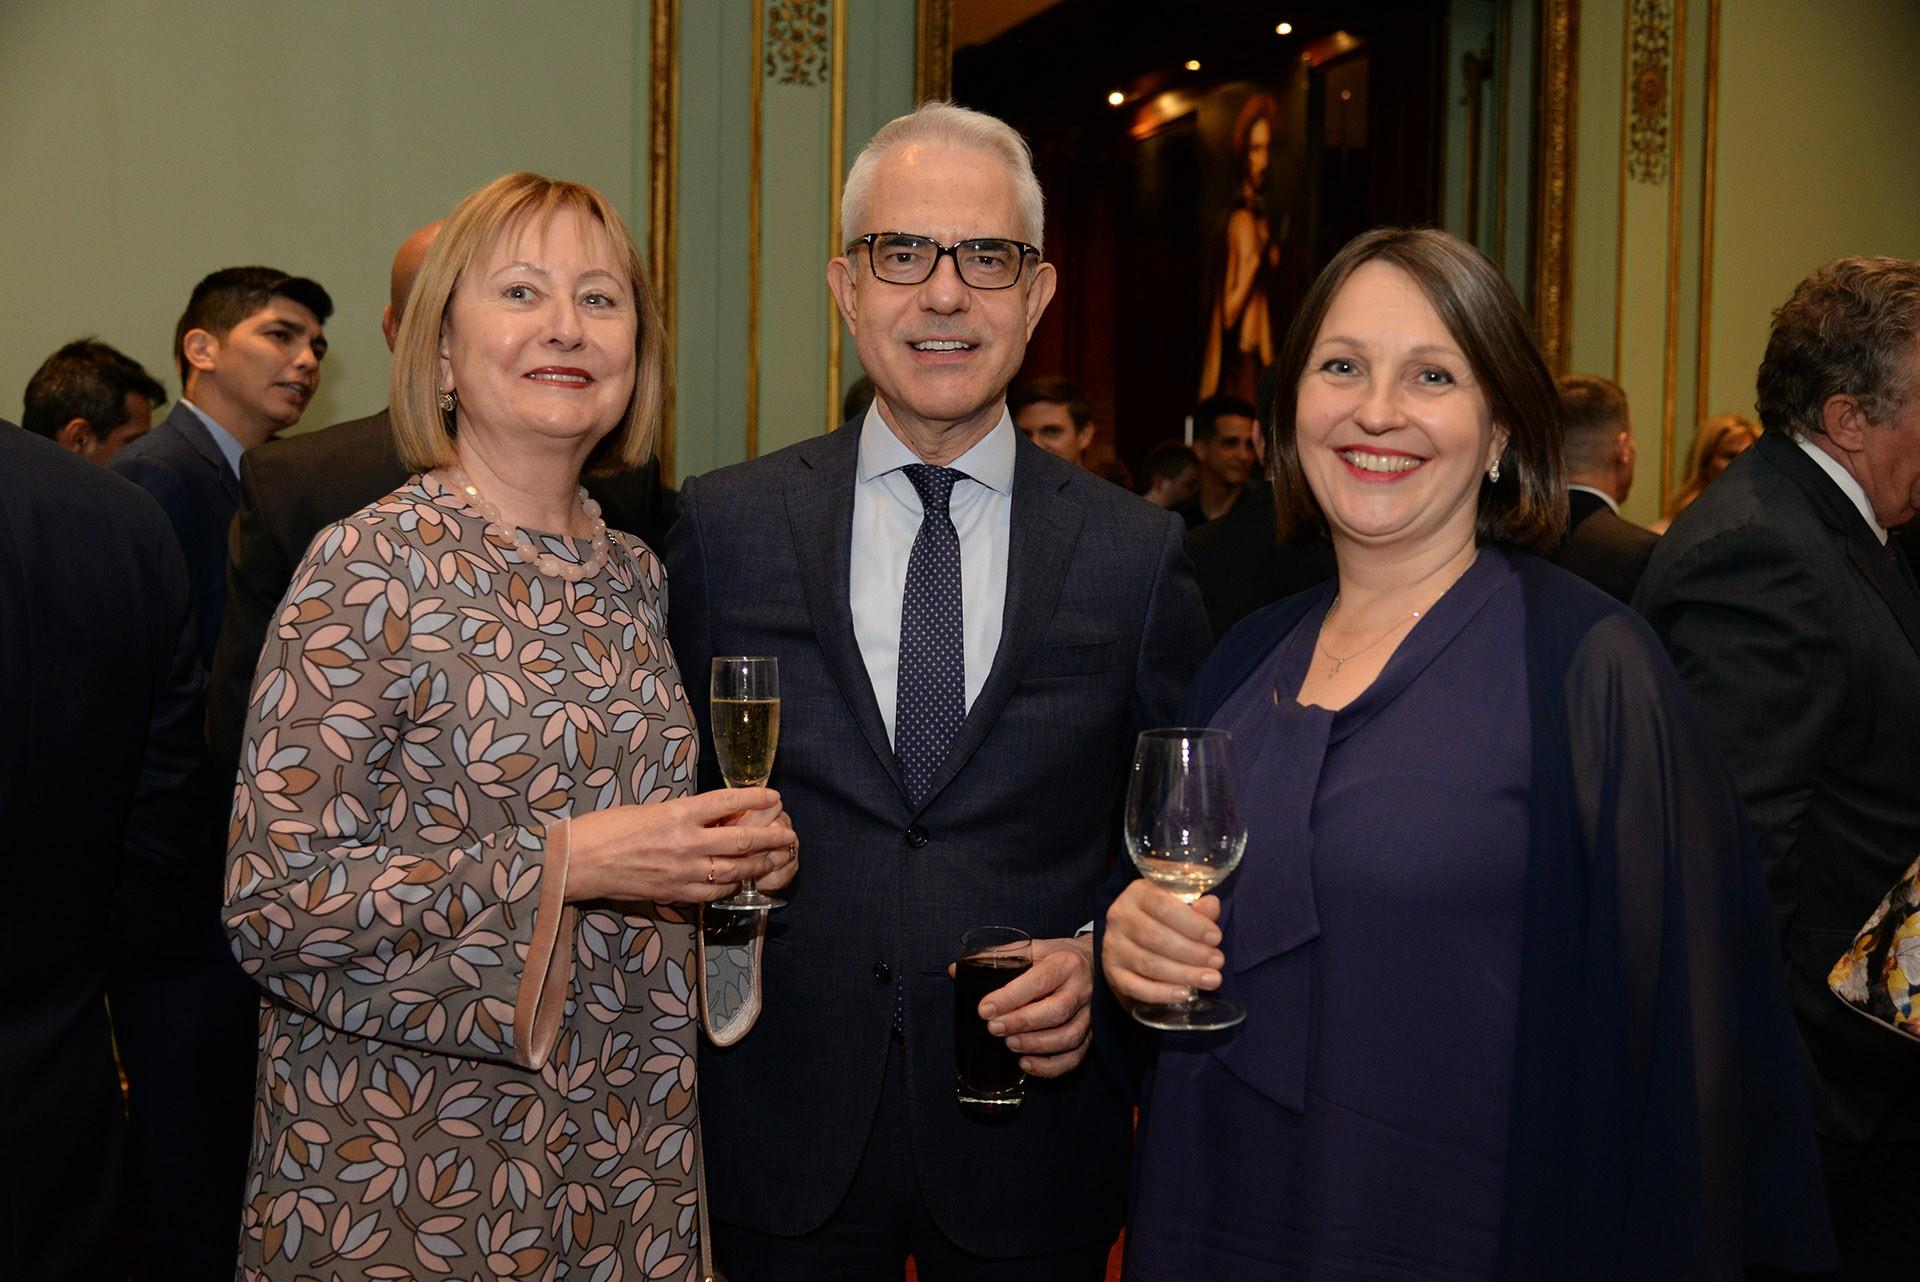 Duska Paravic, embajadora de Croacia; Dimitrios Zevelakis, embajador de Grecia; y Kirsi Vanamo-Santacruz, embajadora de Finlandia